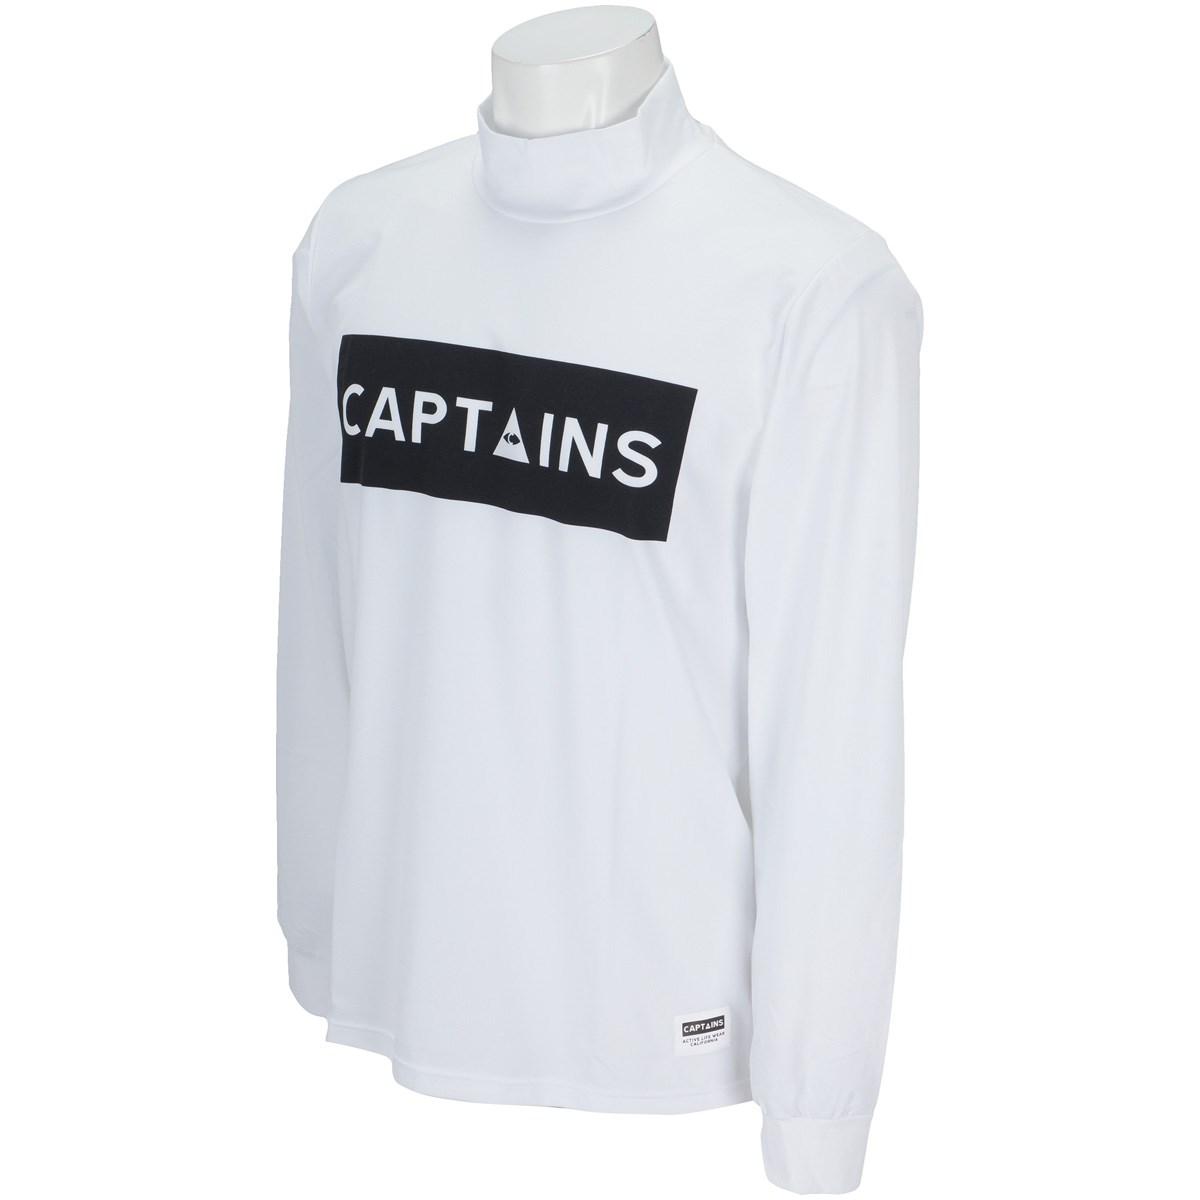 キャプテンズヘルム CAPTAINS HELM ロゴ モックネック長袖Tシャツ L ホワイト